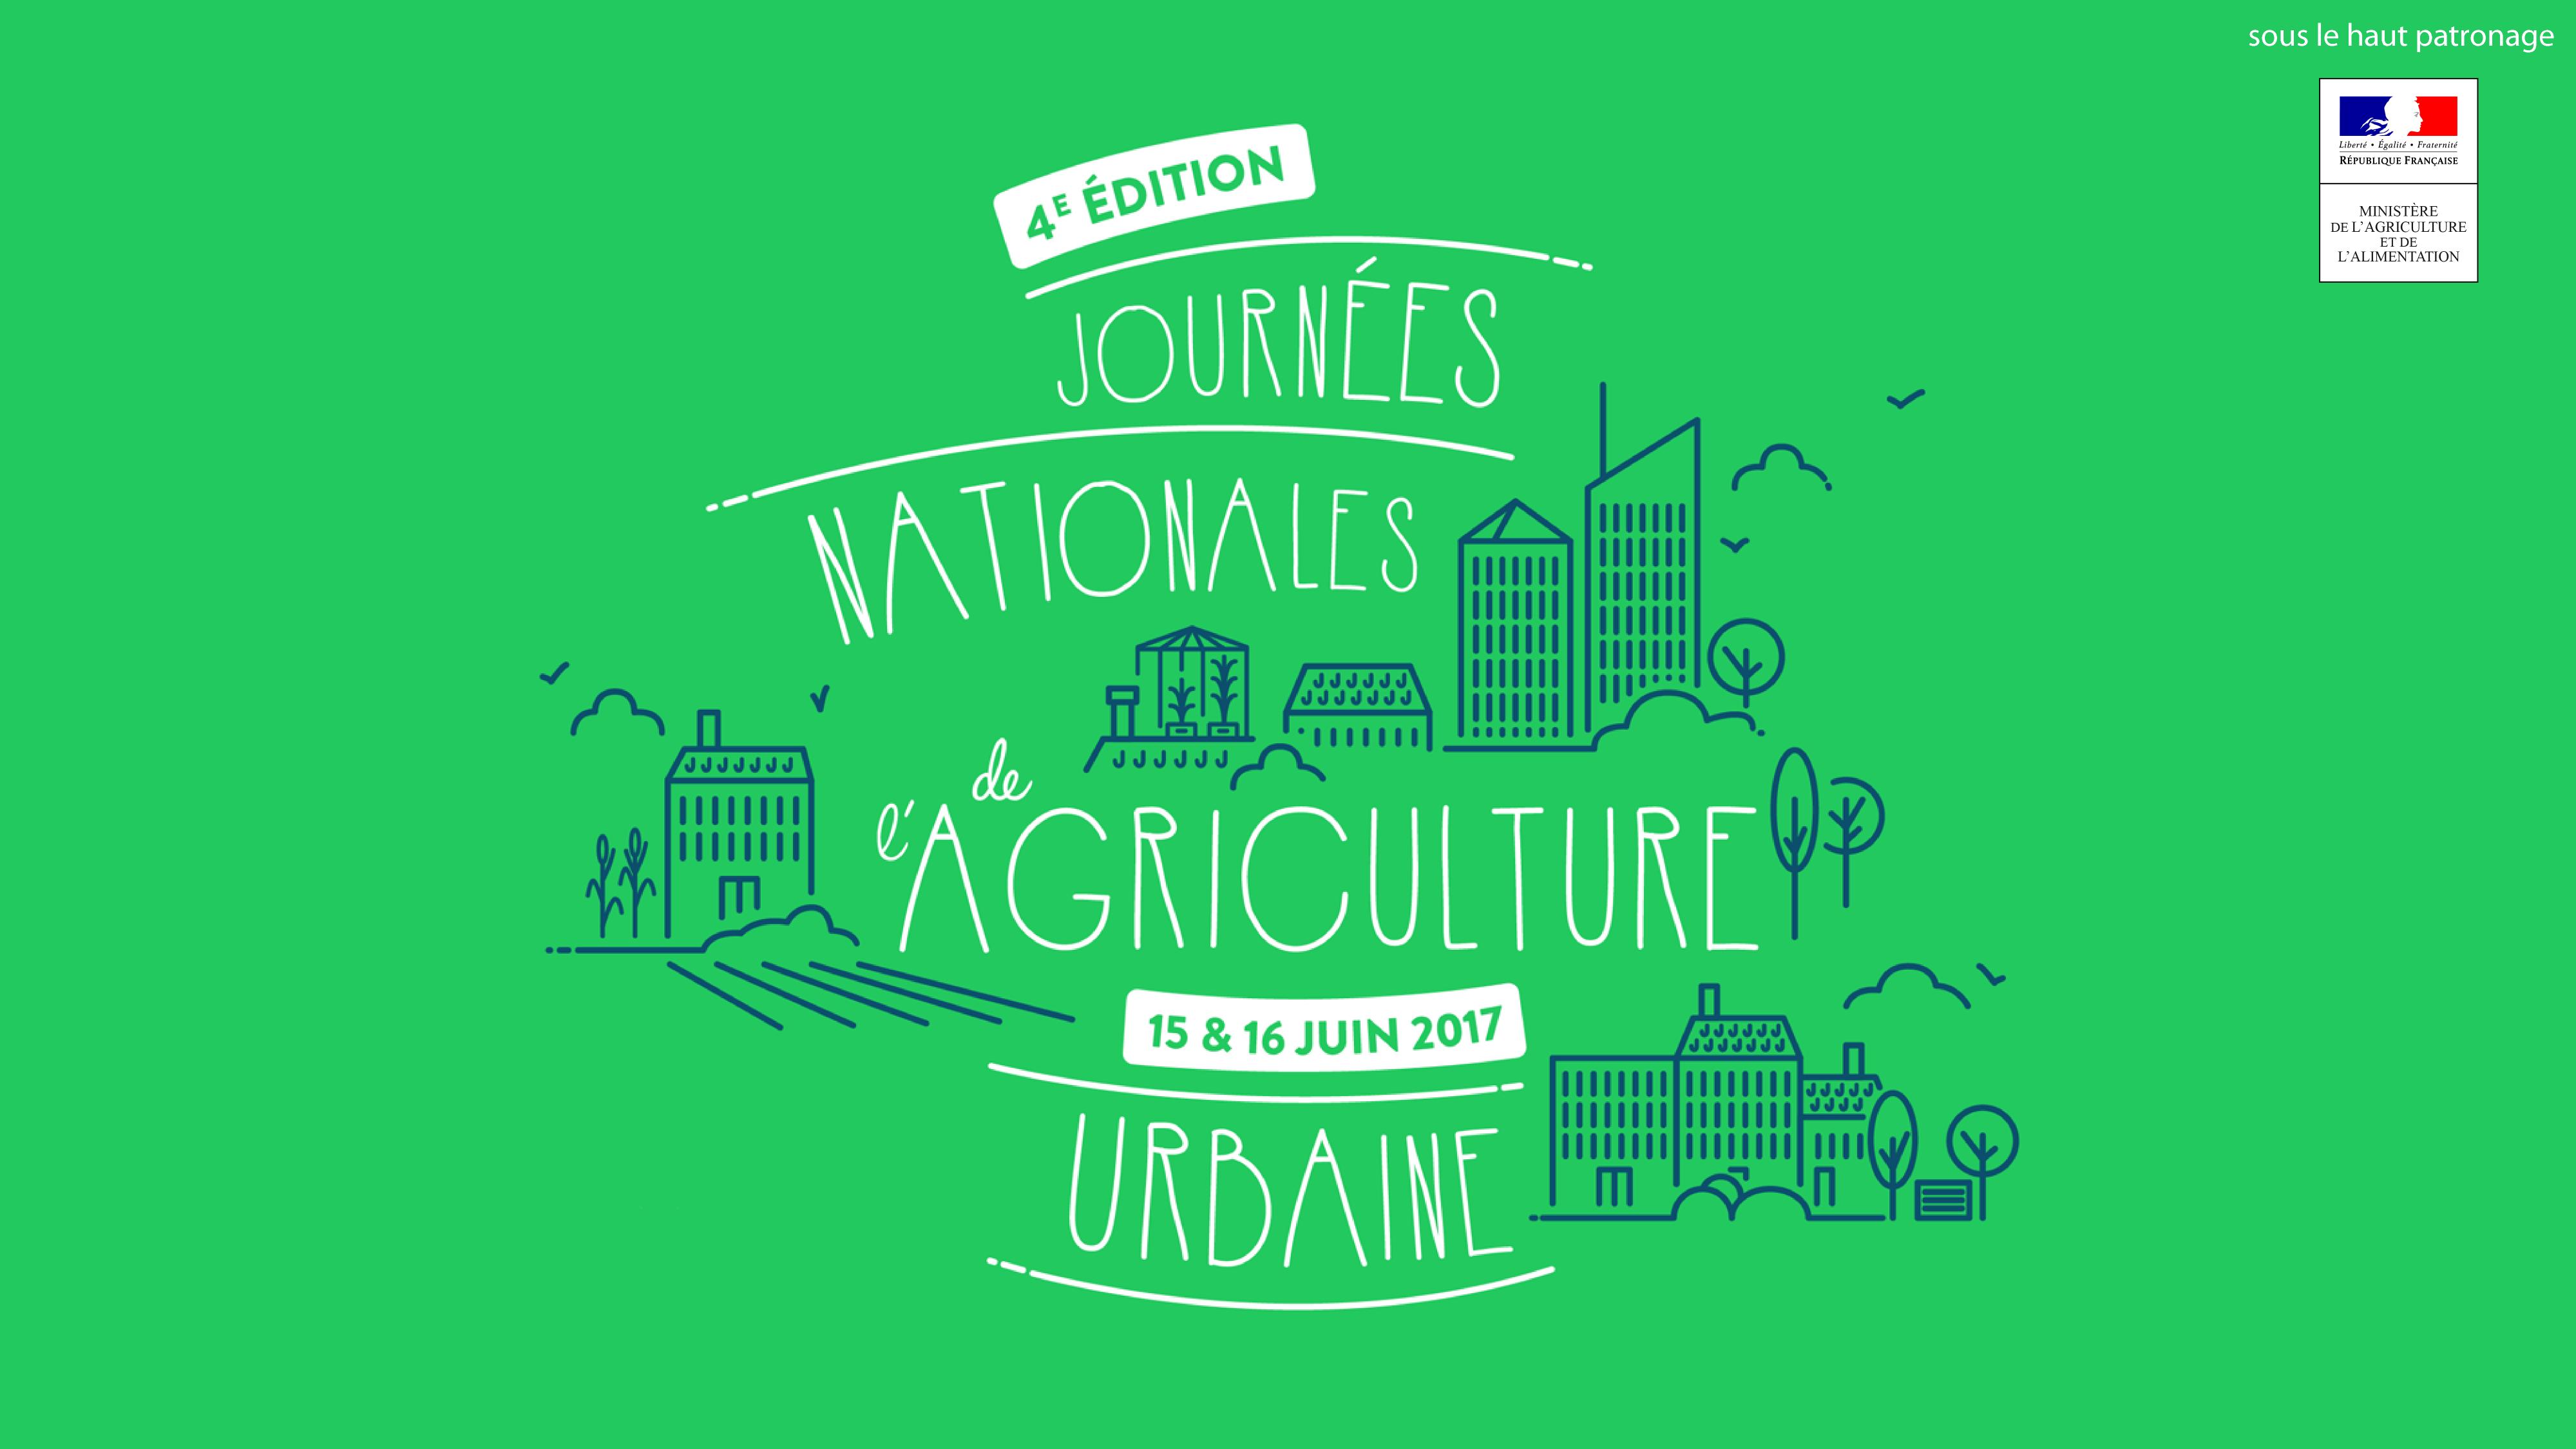 Journées Nationales De L'Agriculture Urbaine 2017